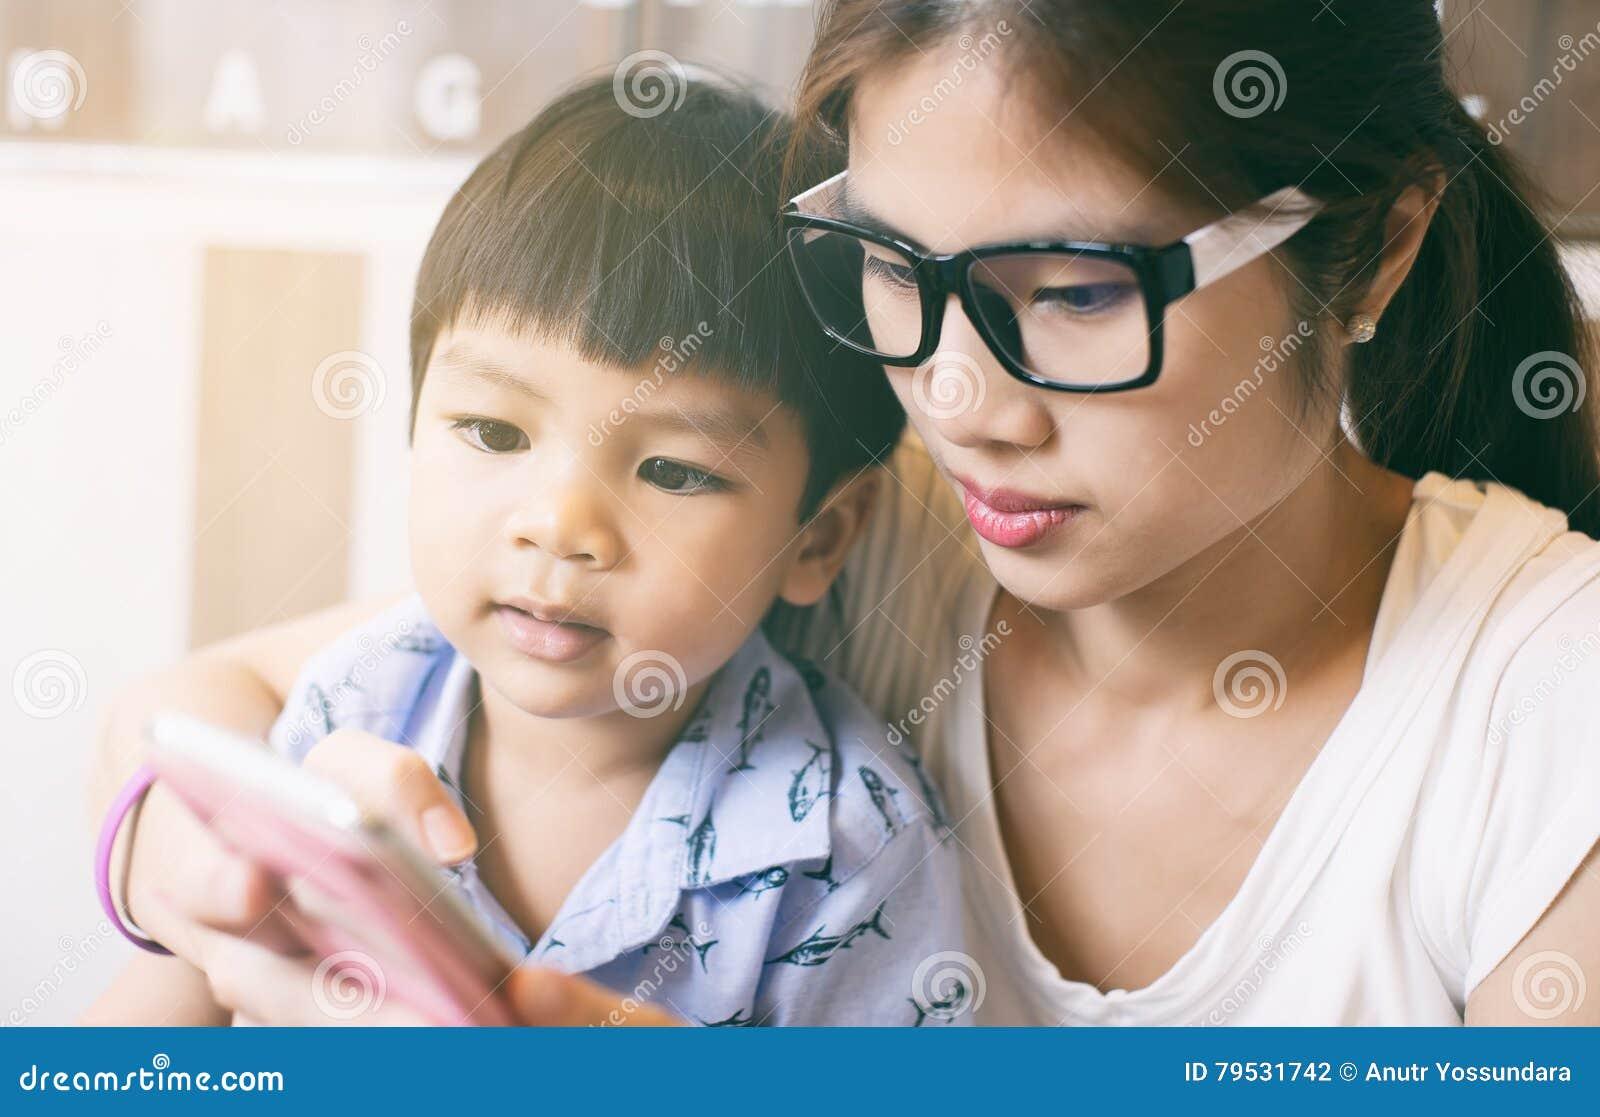 mother teaching a boy nak